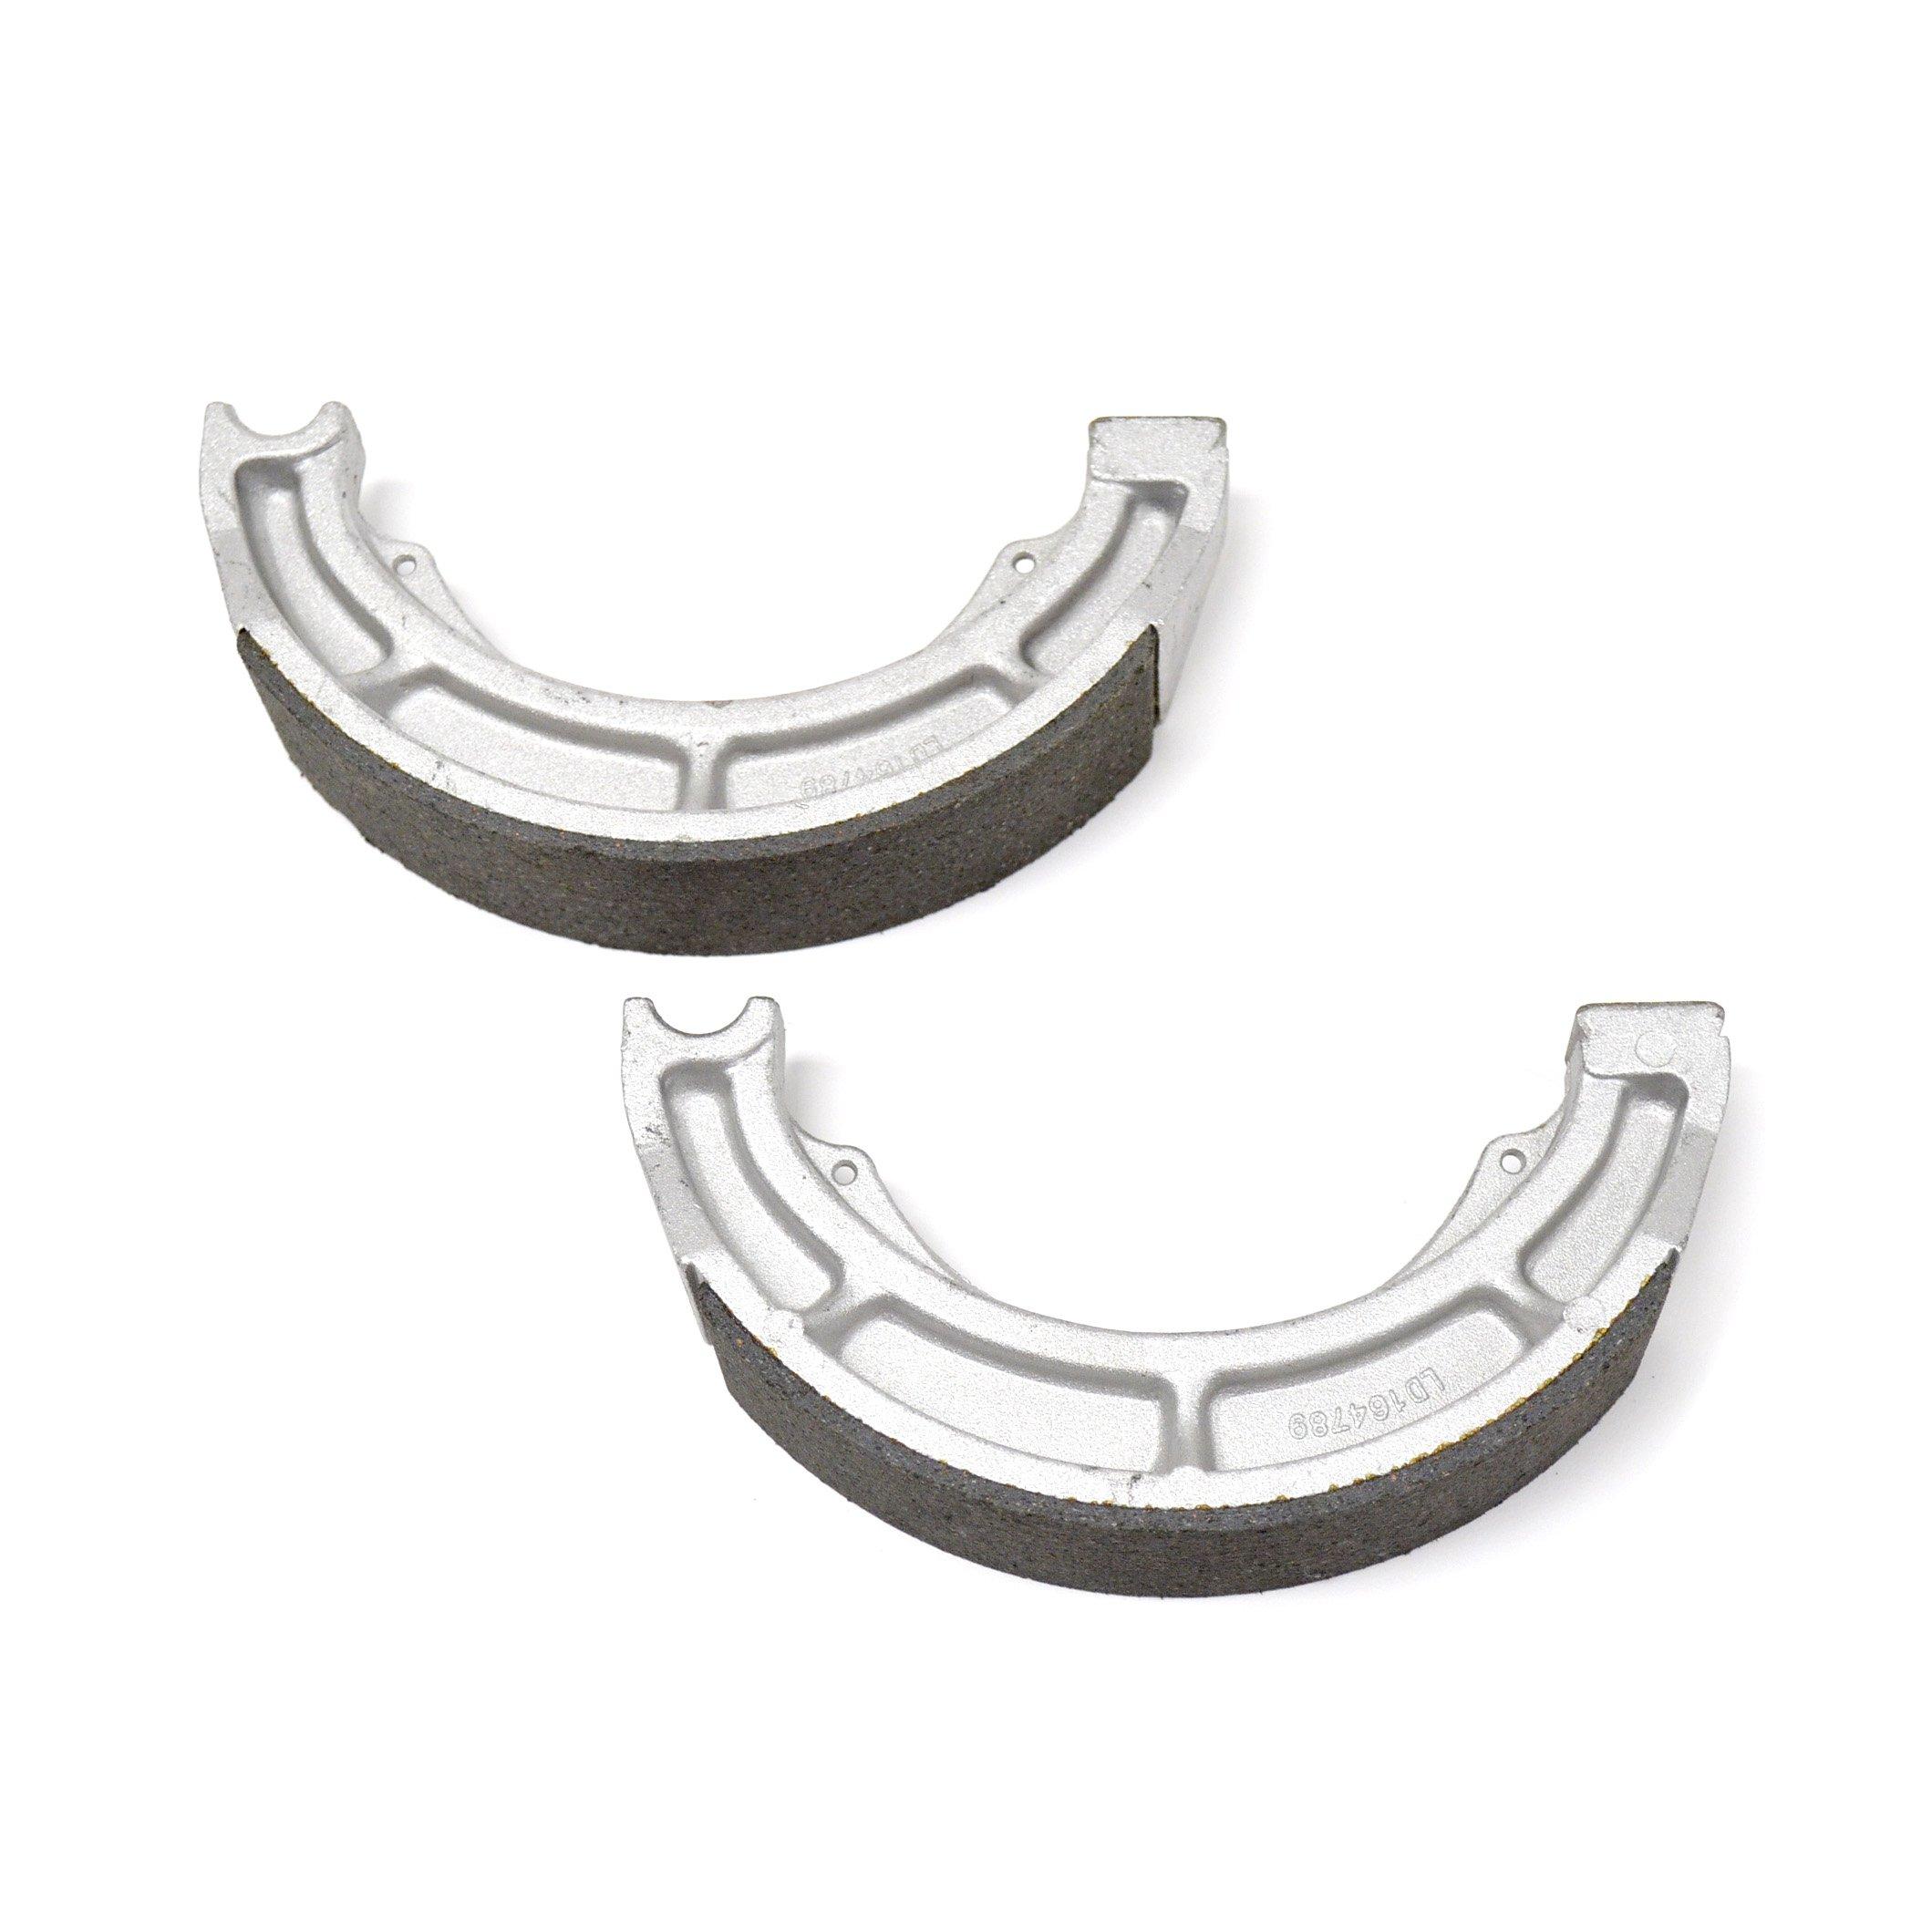 Suzuki VS 800 Intruder GLN/GLP/GLR/ 92-03 Rear Standard Brake Shoes by Niche Cycle Supply